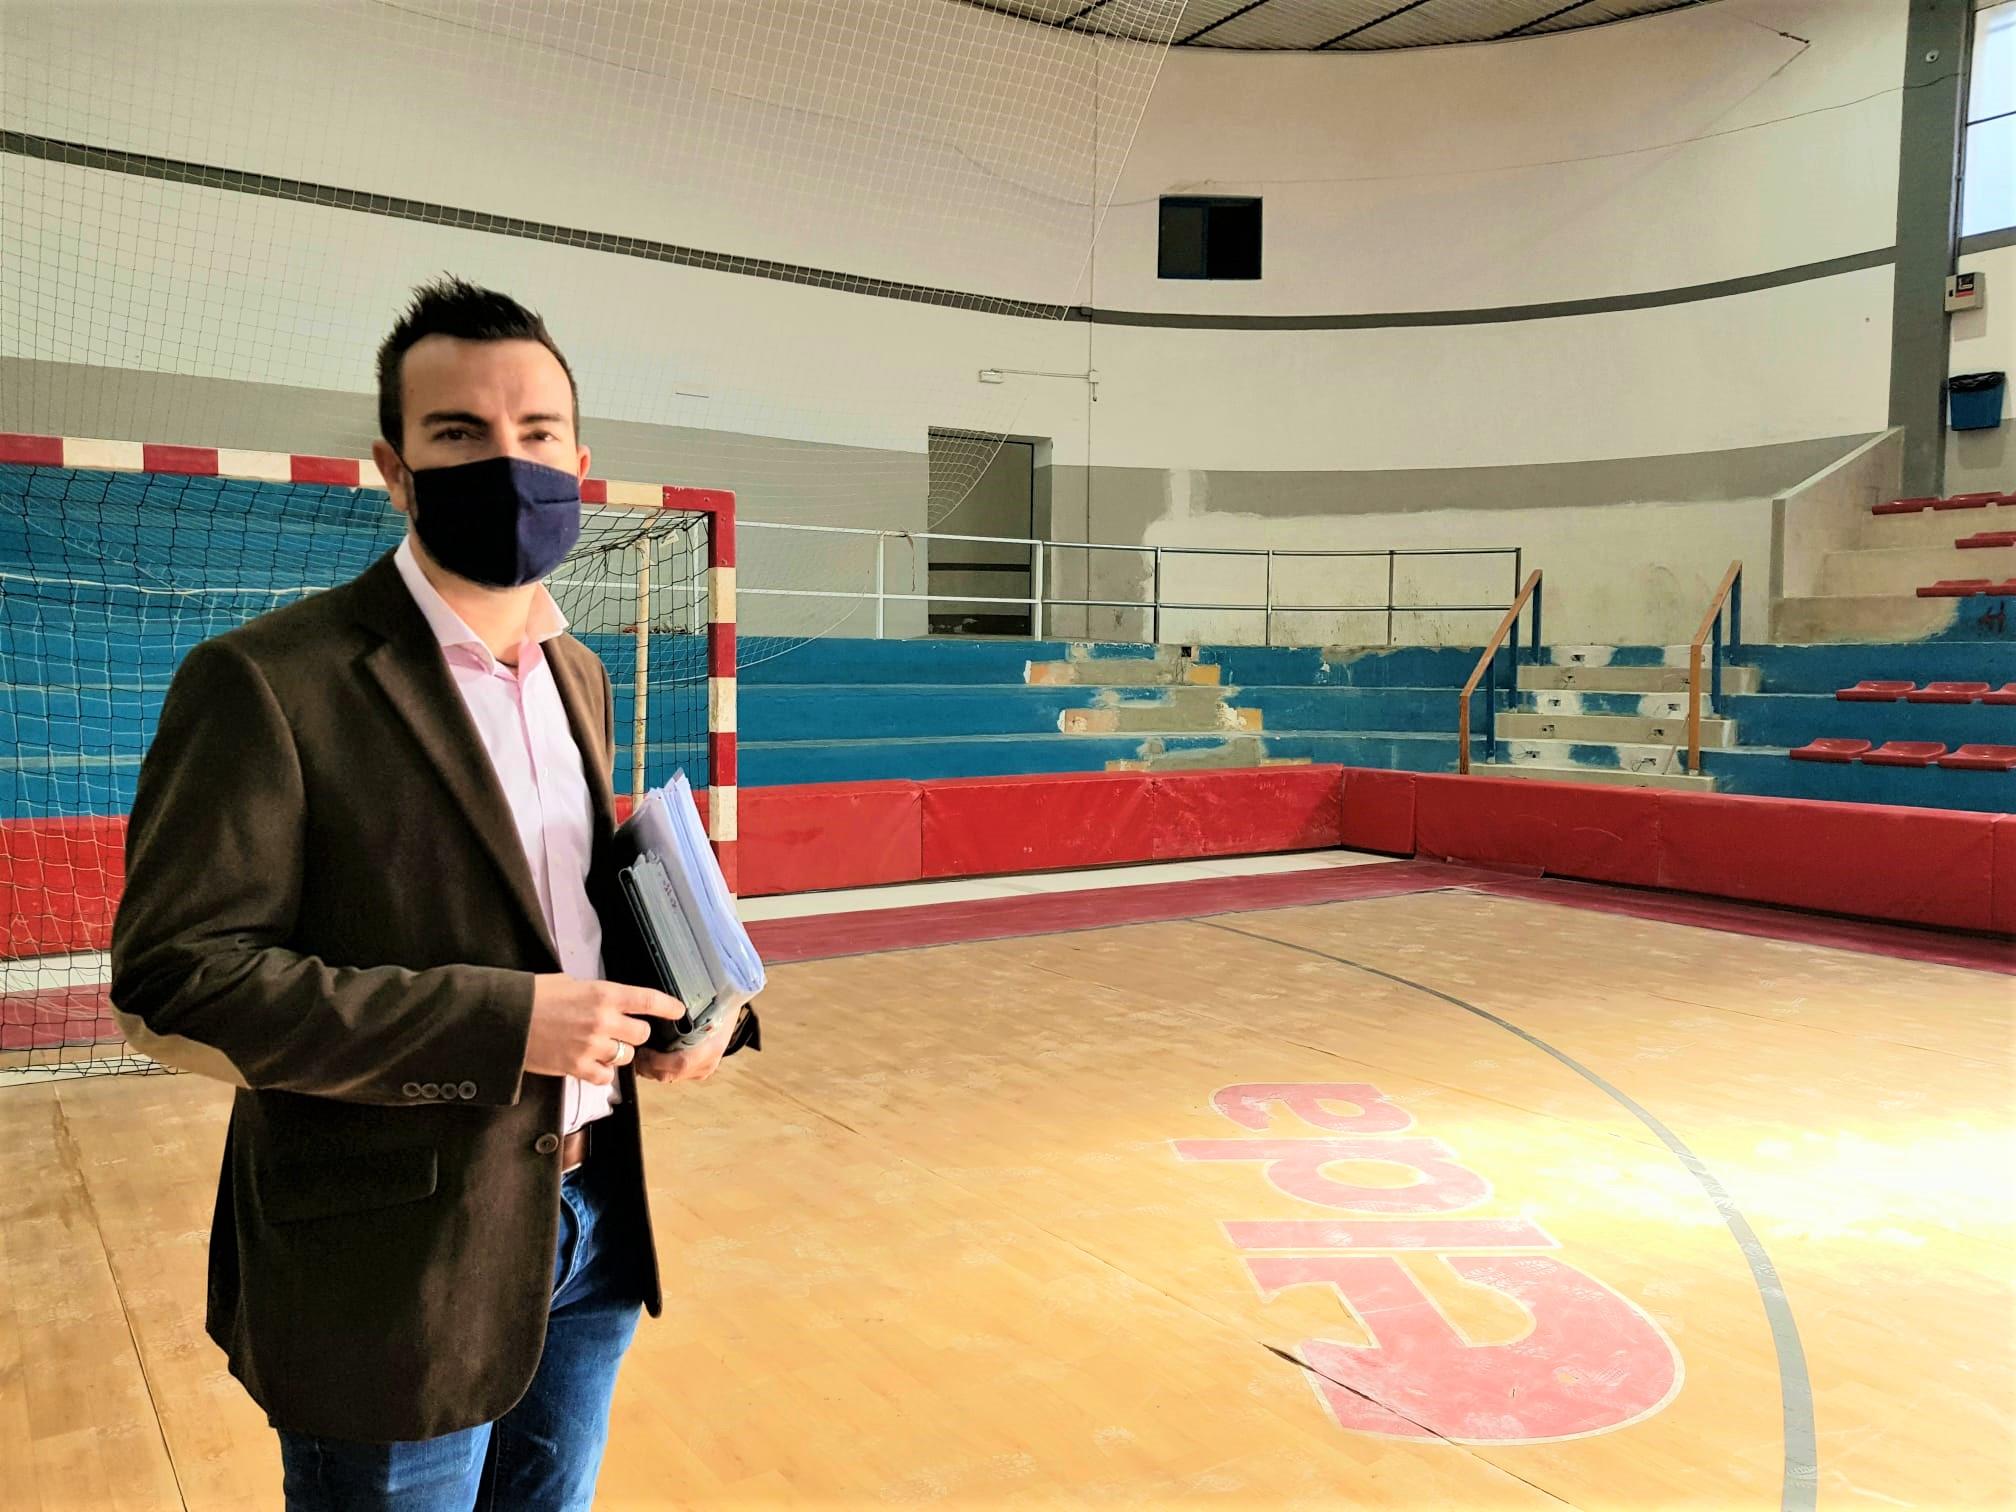 La Concejalía de Deportes mejora la pista, los accesos y la seguridad de los deportistas en el Pabellón Juan Carlos Verdú